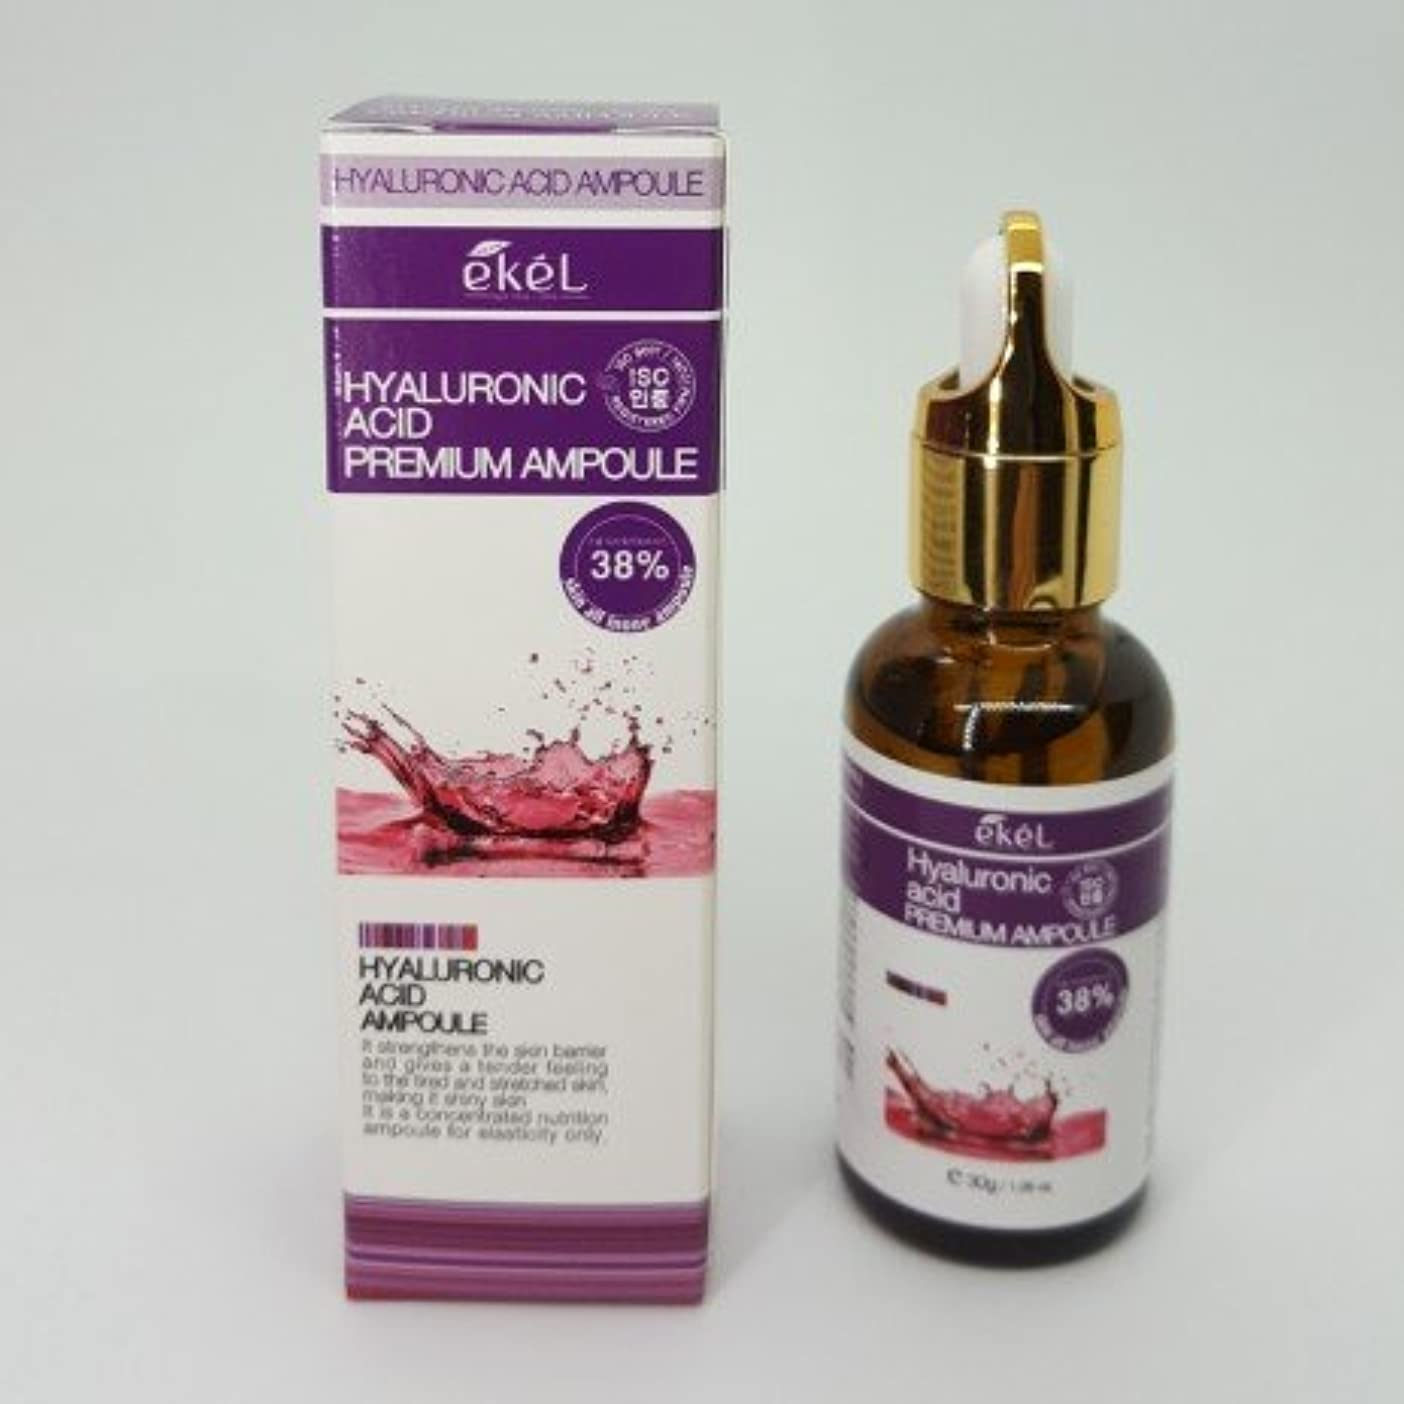 まで墓雑草[EKEL] Hyaluronic Acid Premium Ampoule 38% - 30g